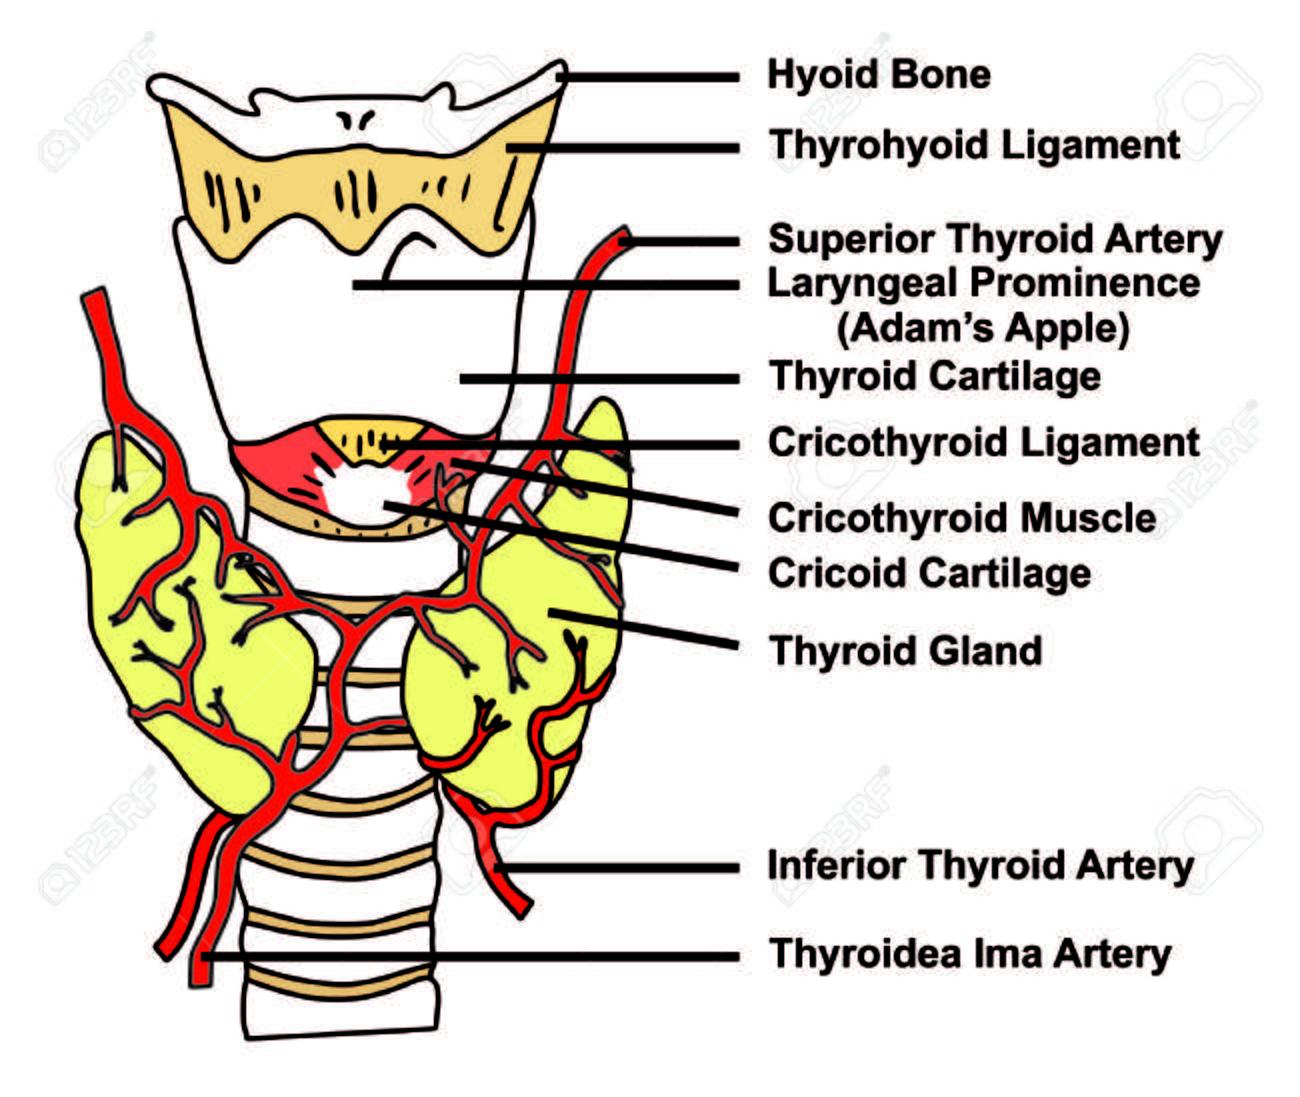 Schilddrüse Anatomische Struktur & Arterien Versorgung - Diagramm ...